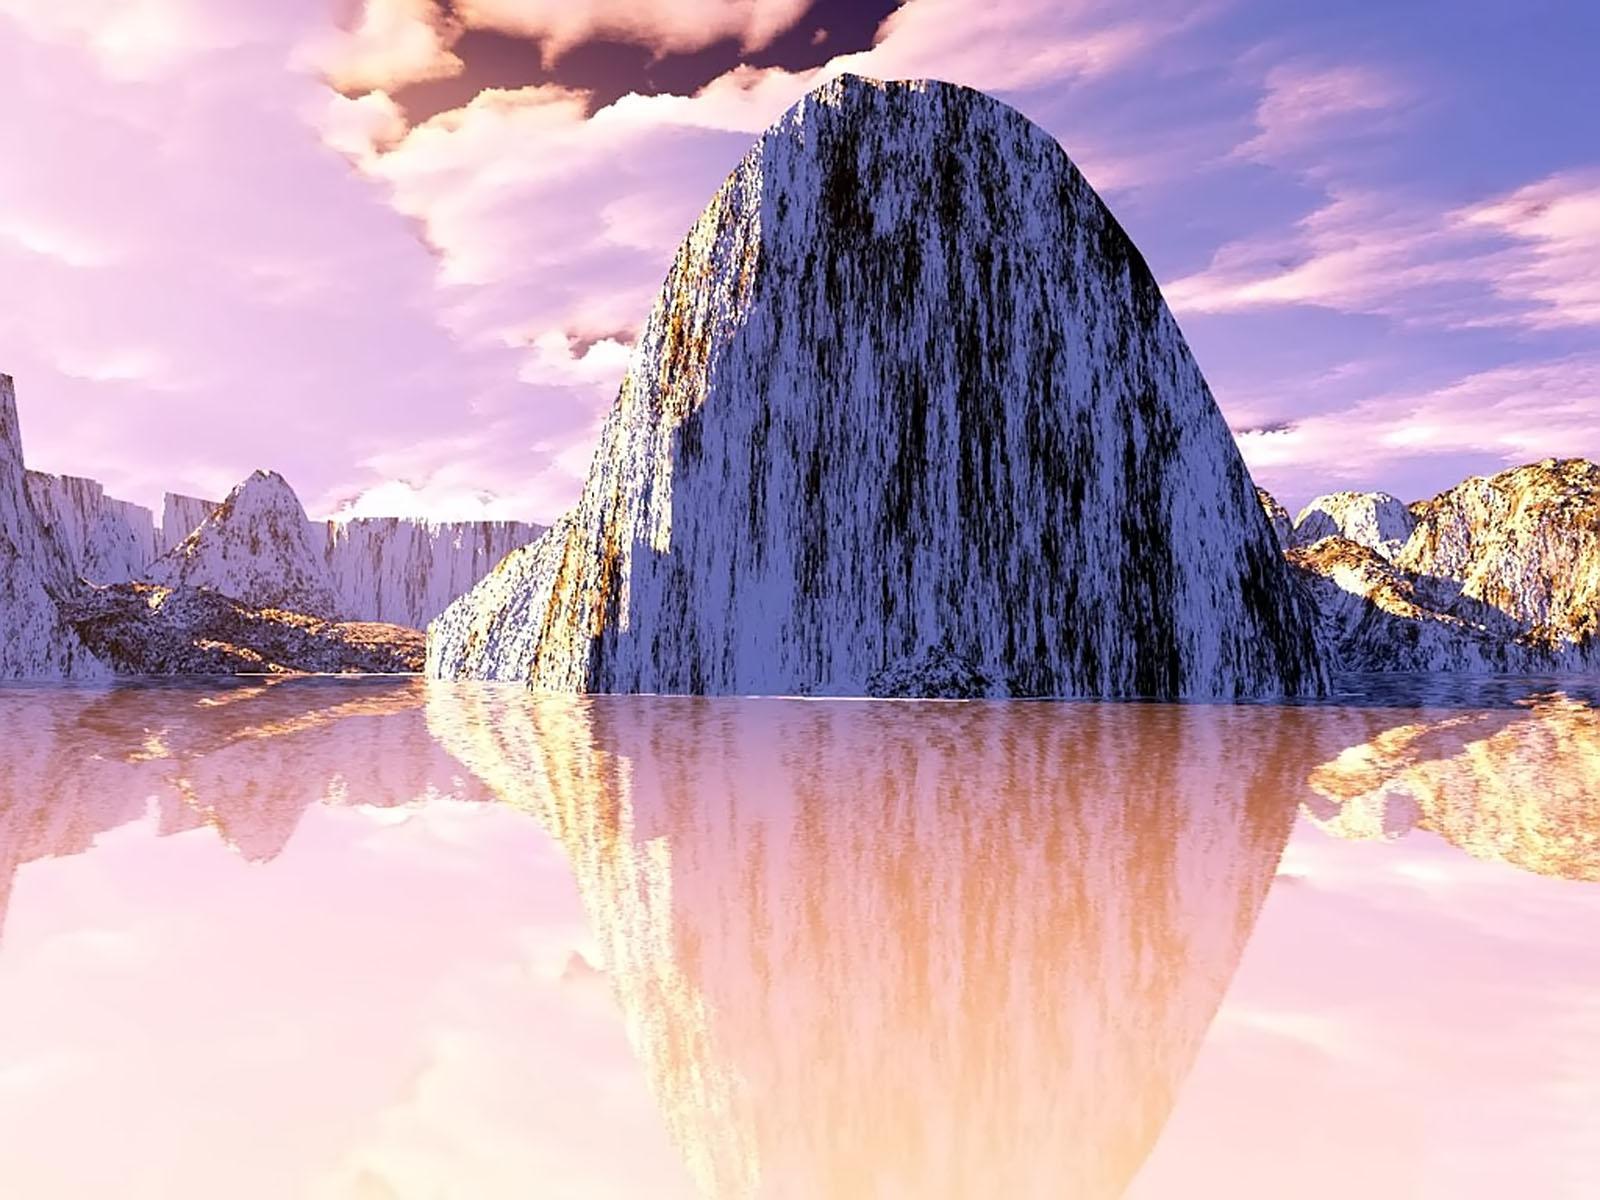 REFLECTION, 3d, Bspo06, Landscape, Mountain, HQ Photo